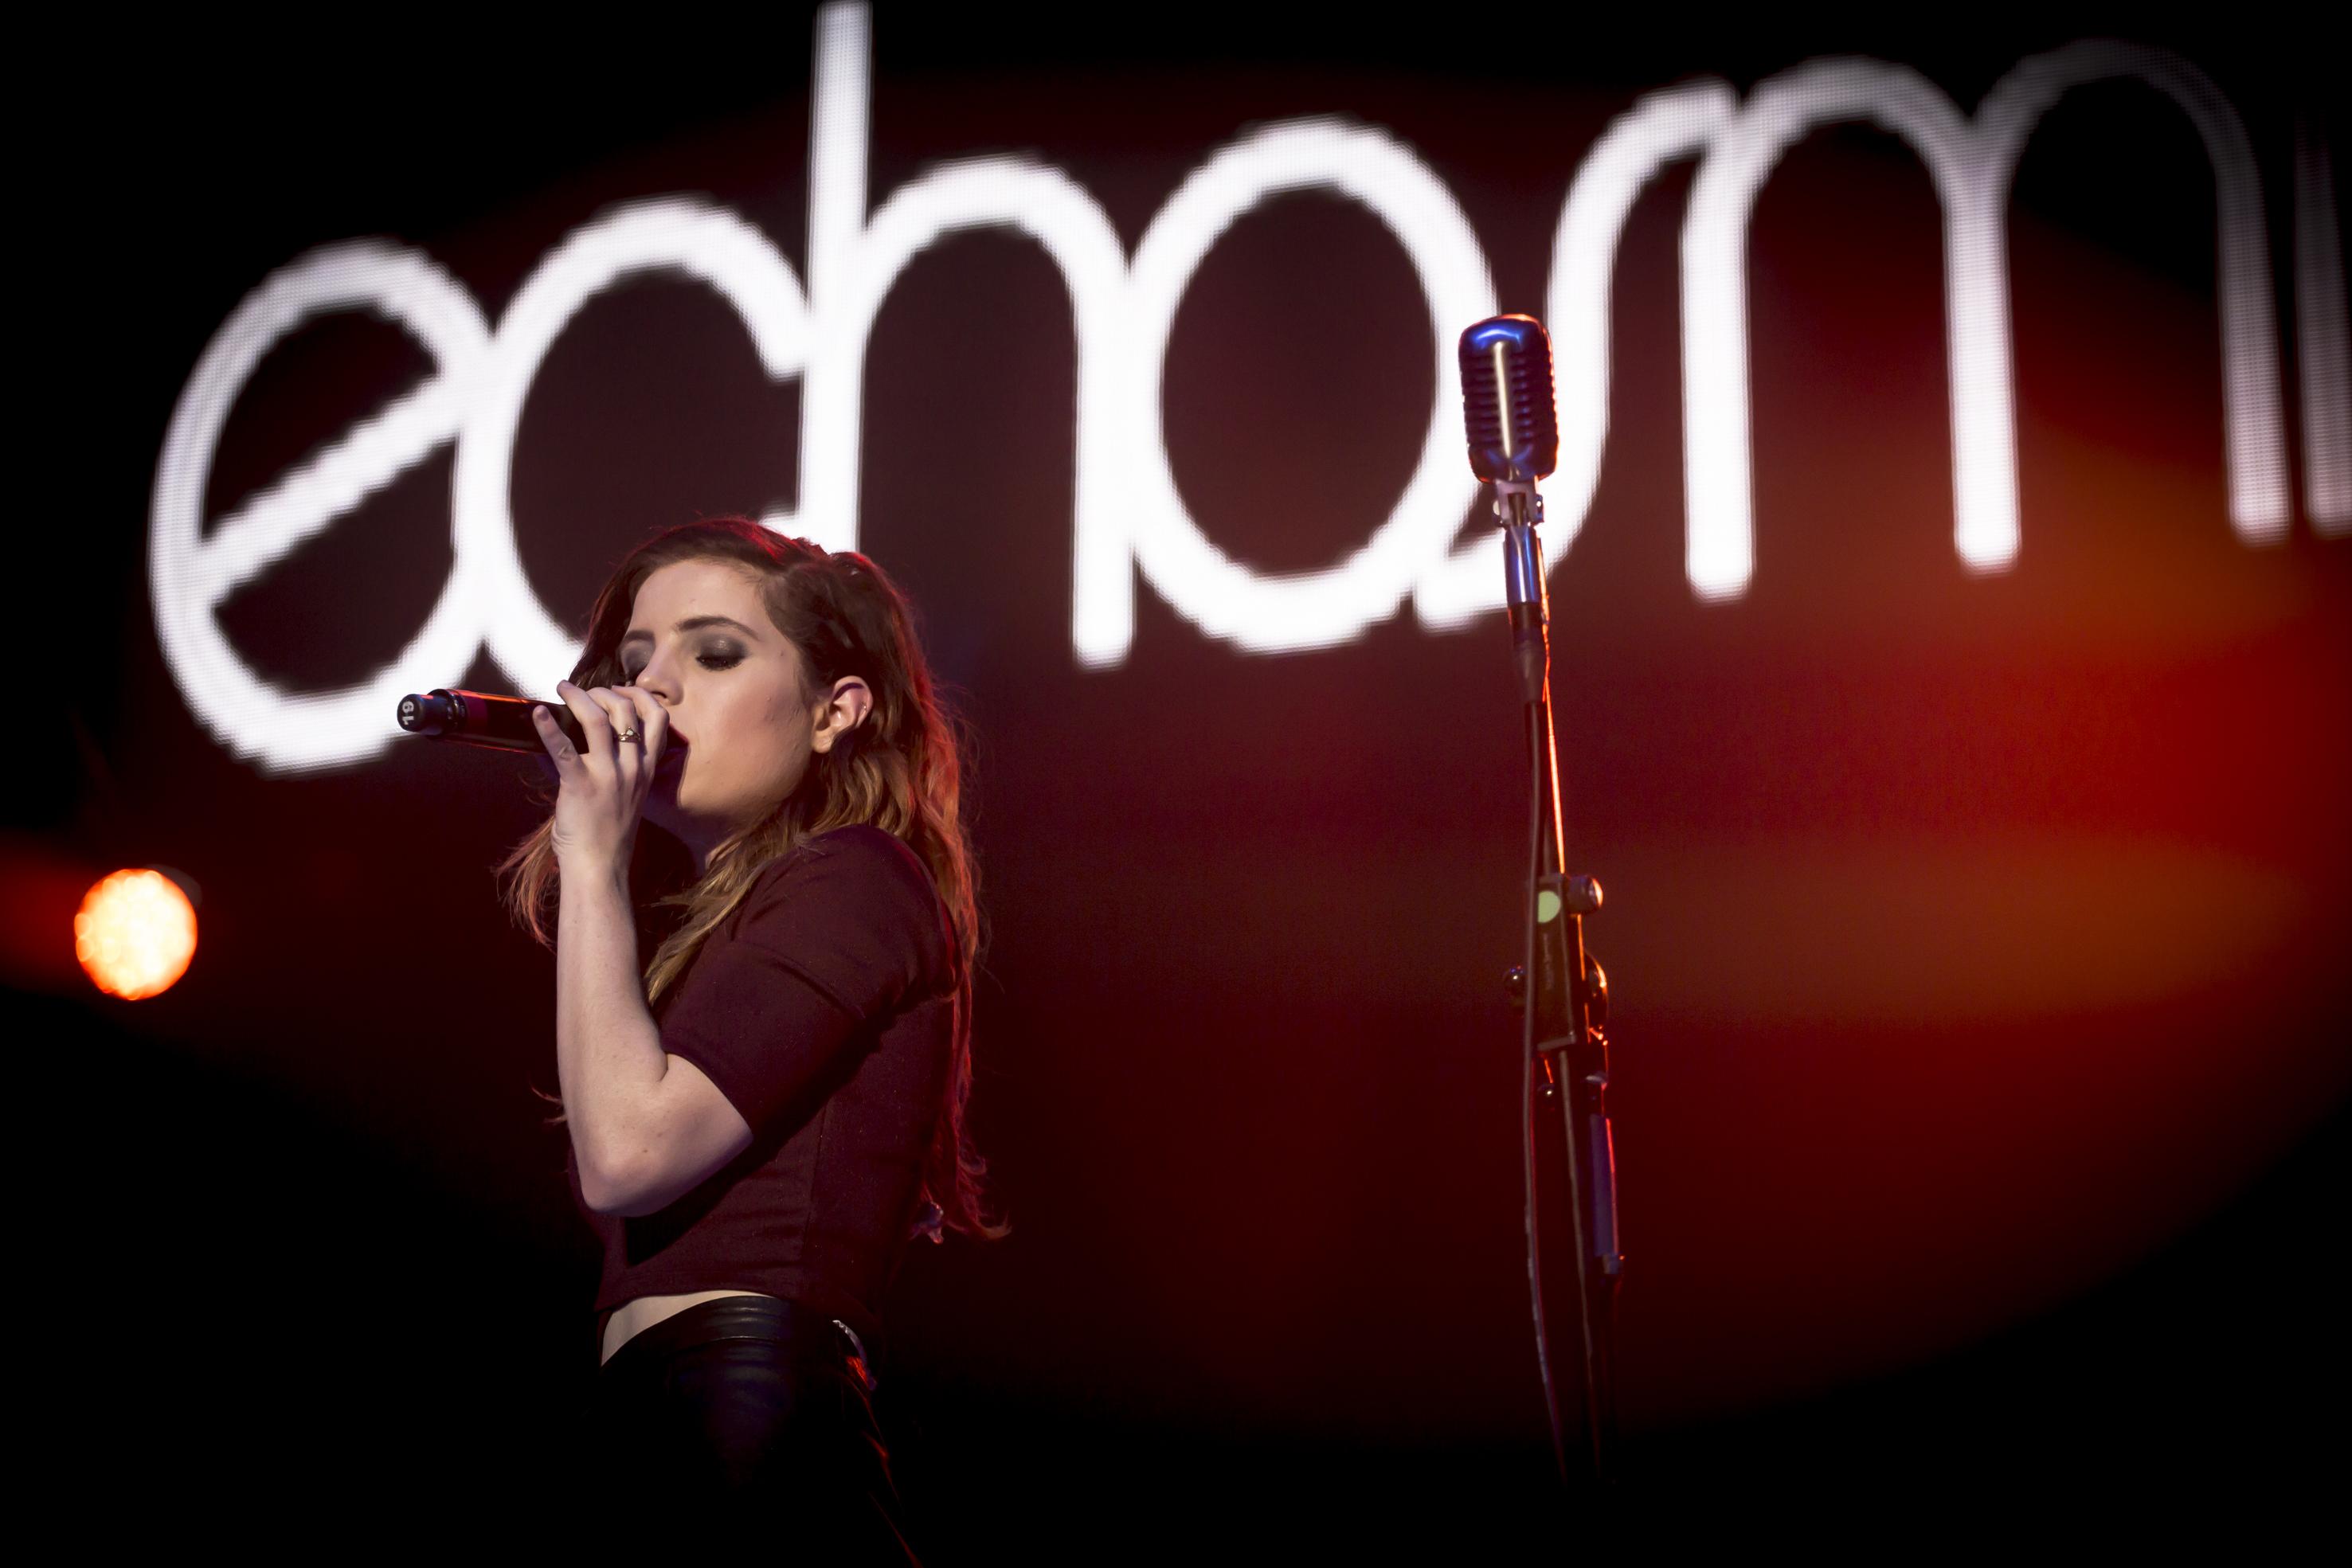 Echosmith